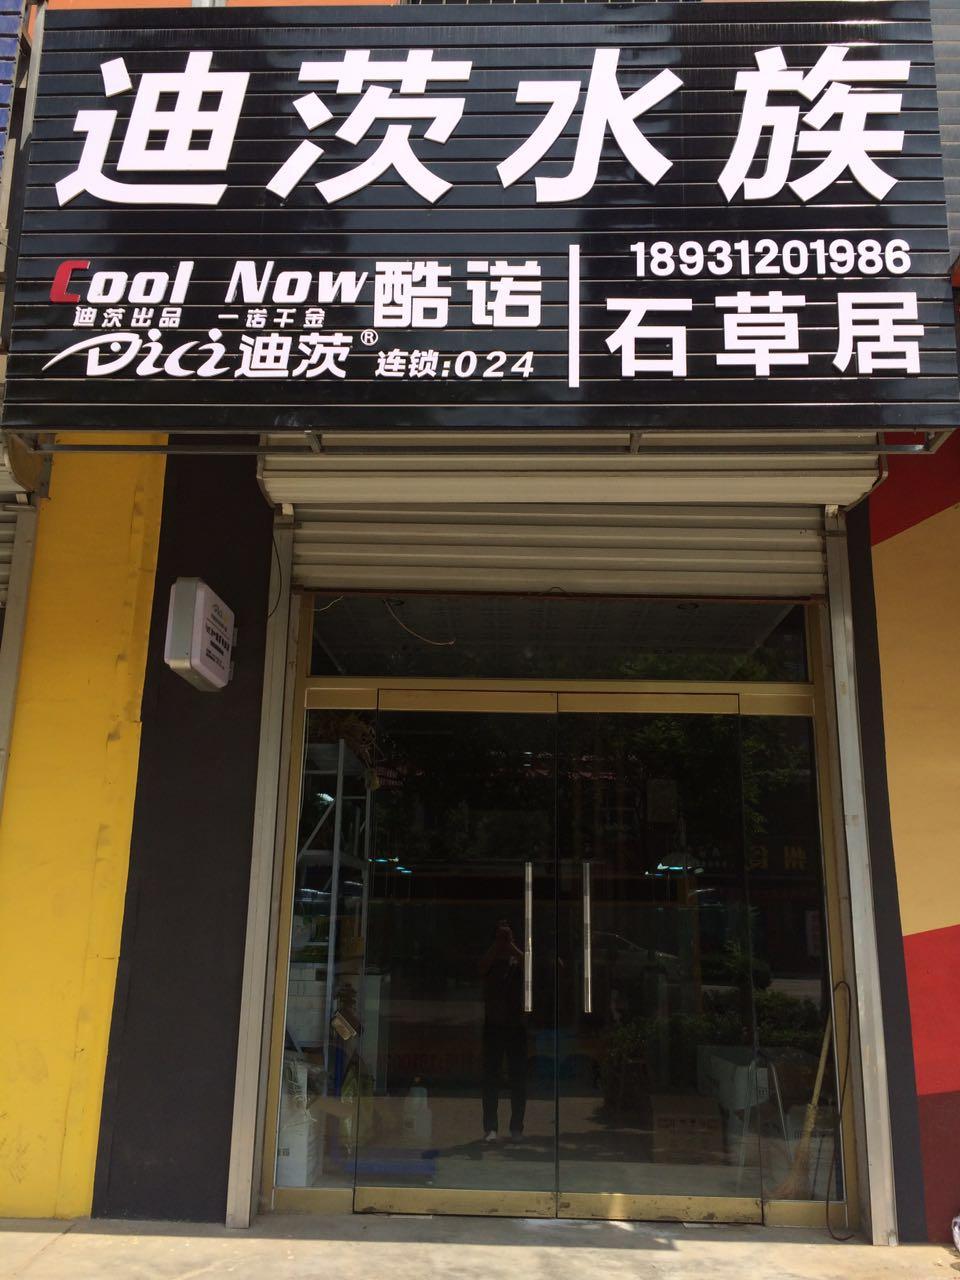 河北省保定市水族加盟店